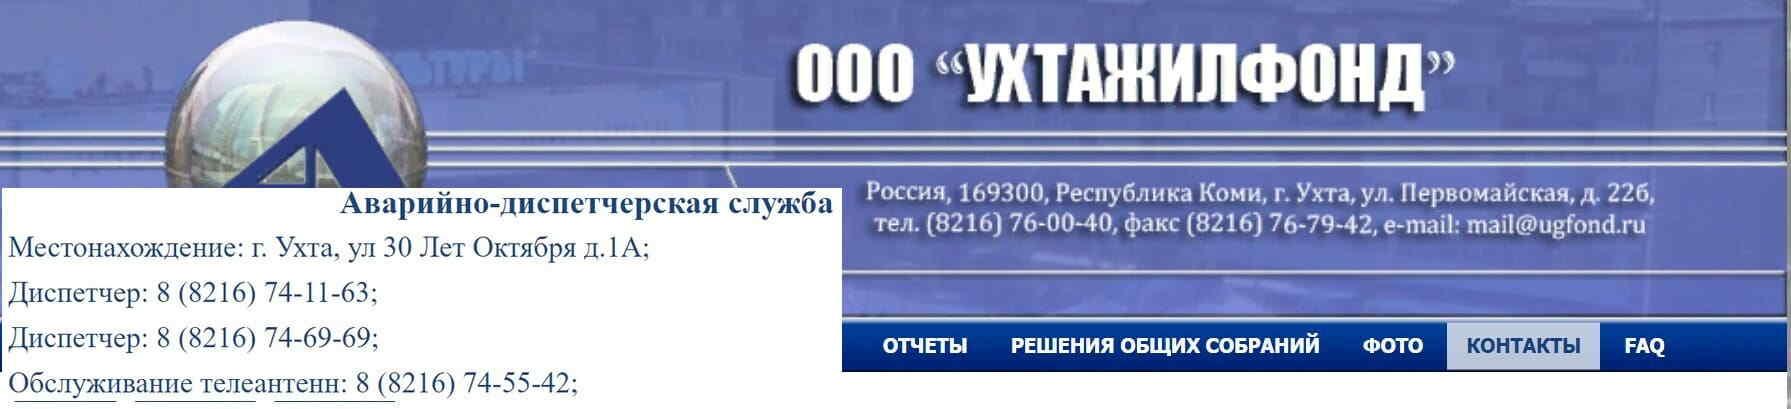 Ухтажилфонд сайт